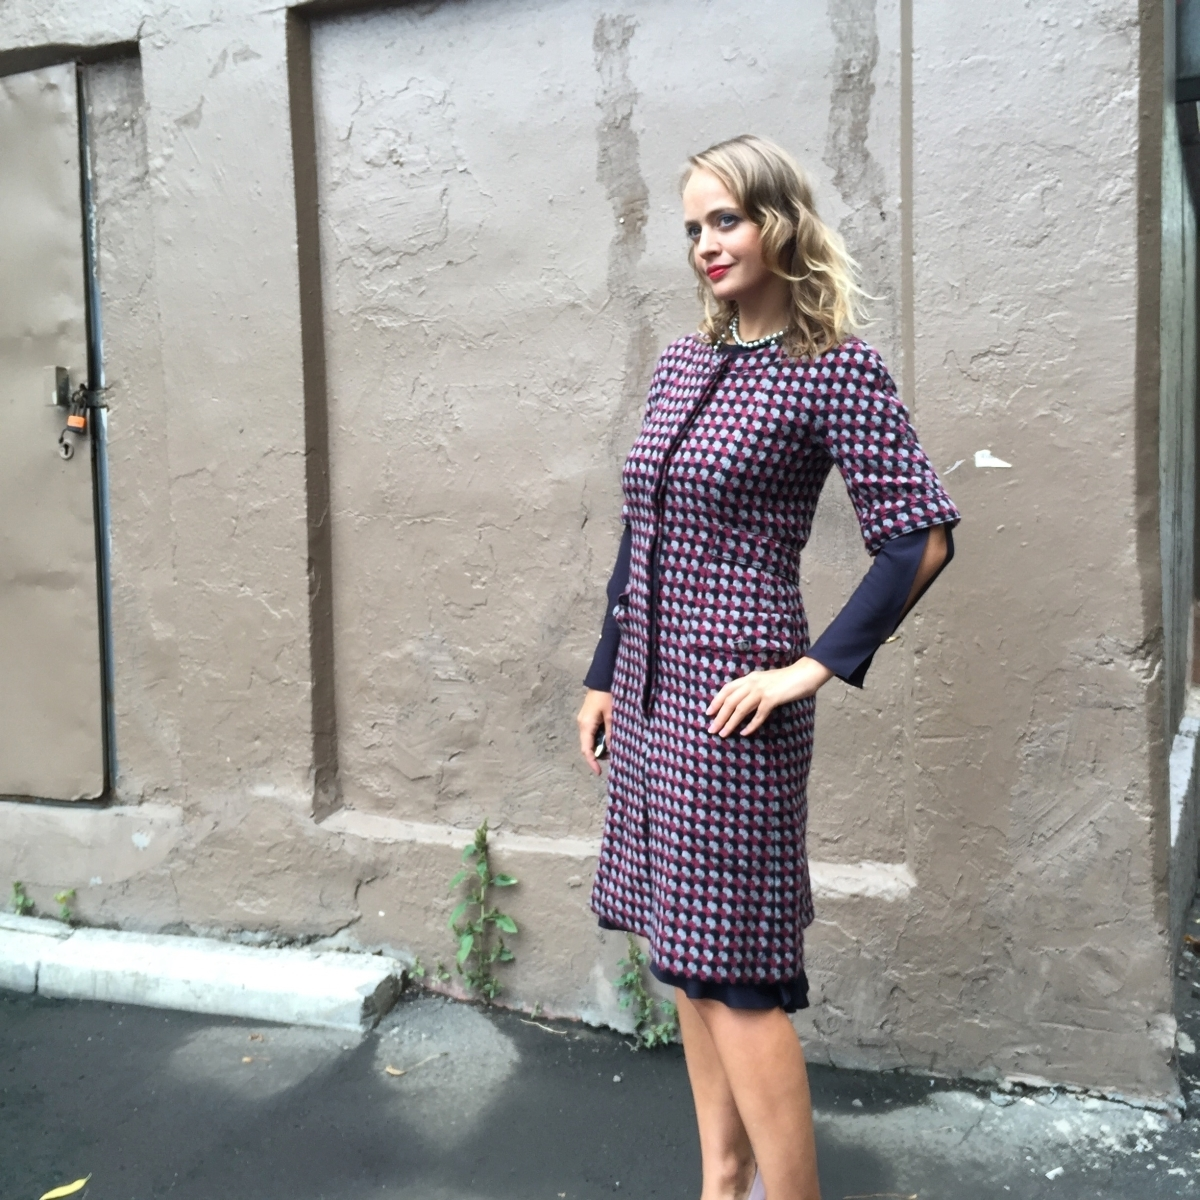 Эленантное пальто с укороченным рукавом из кашемира от Chanel, 34 размер и 46 размер.